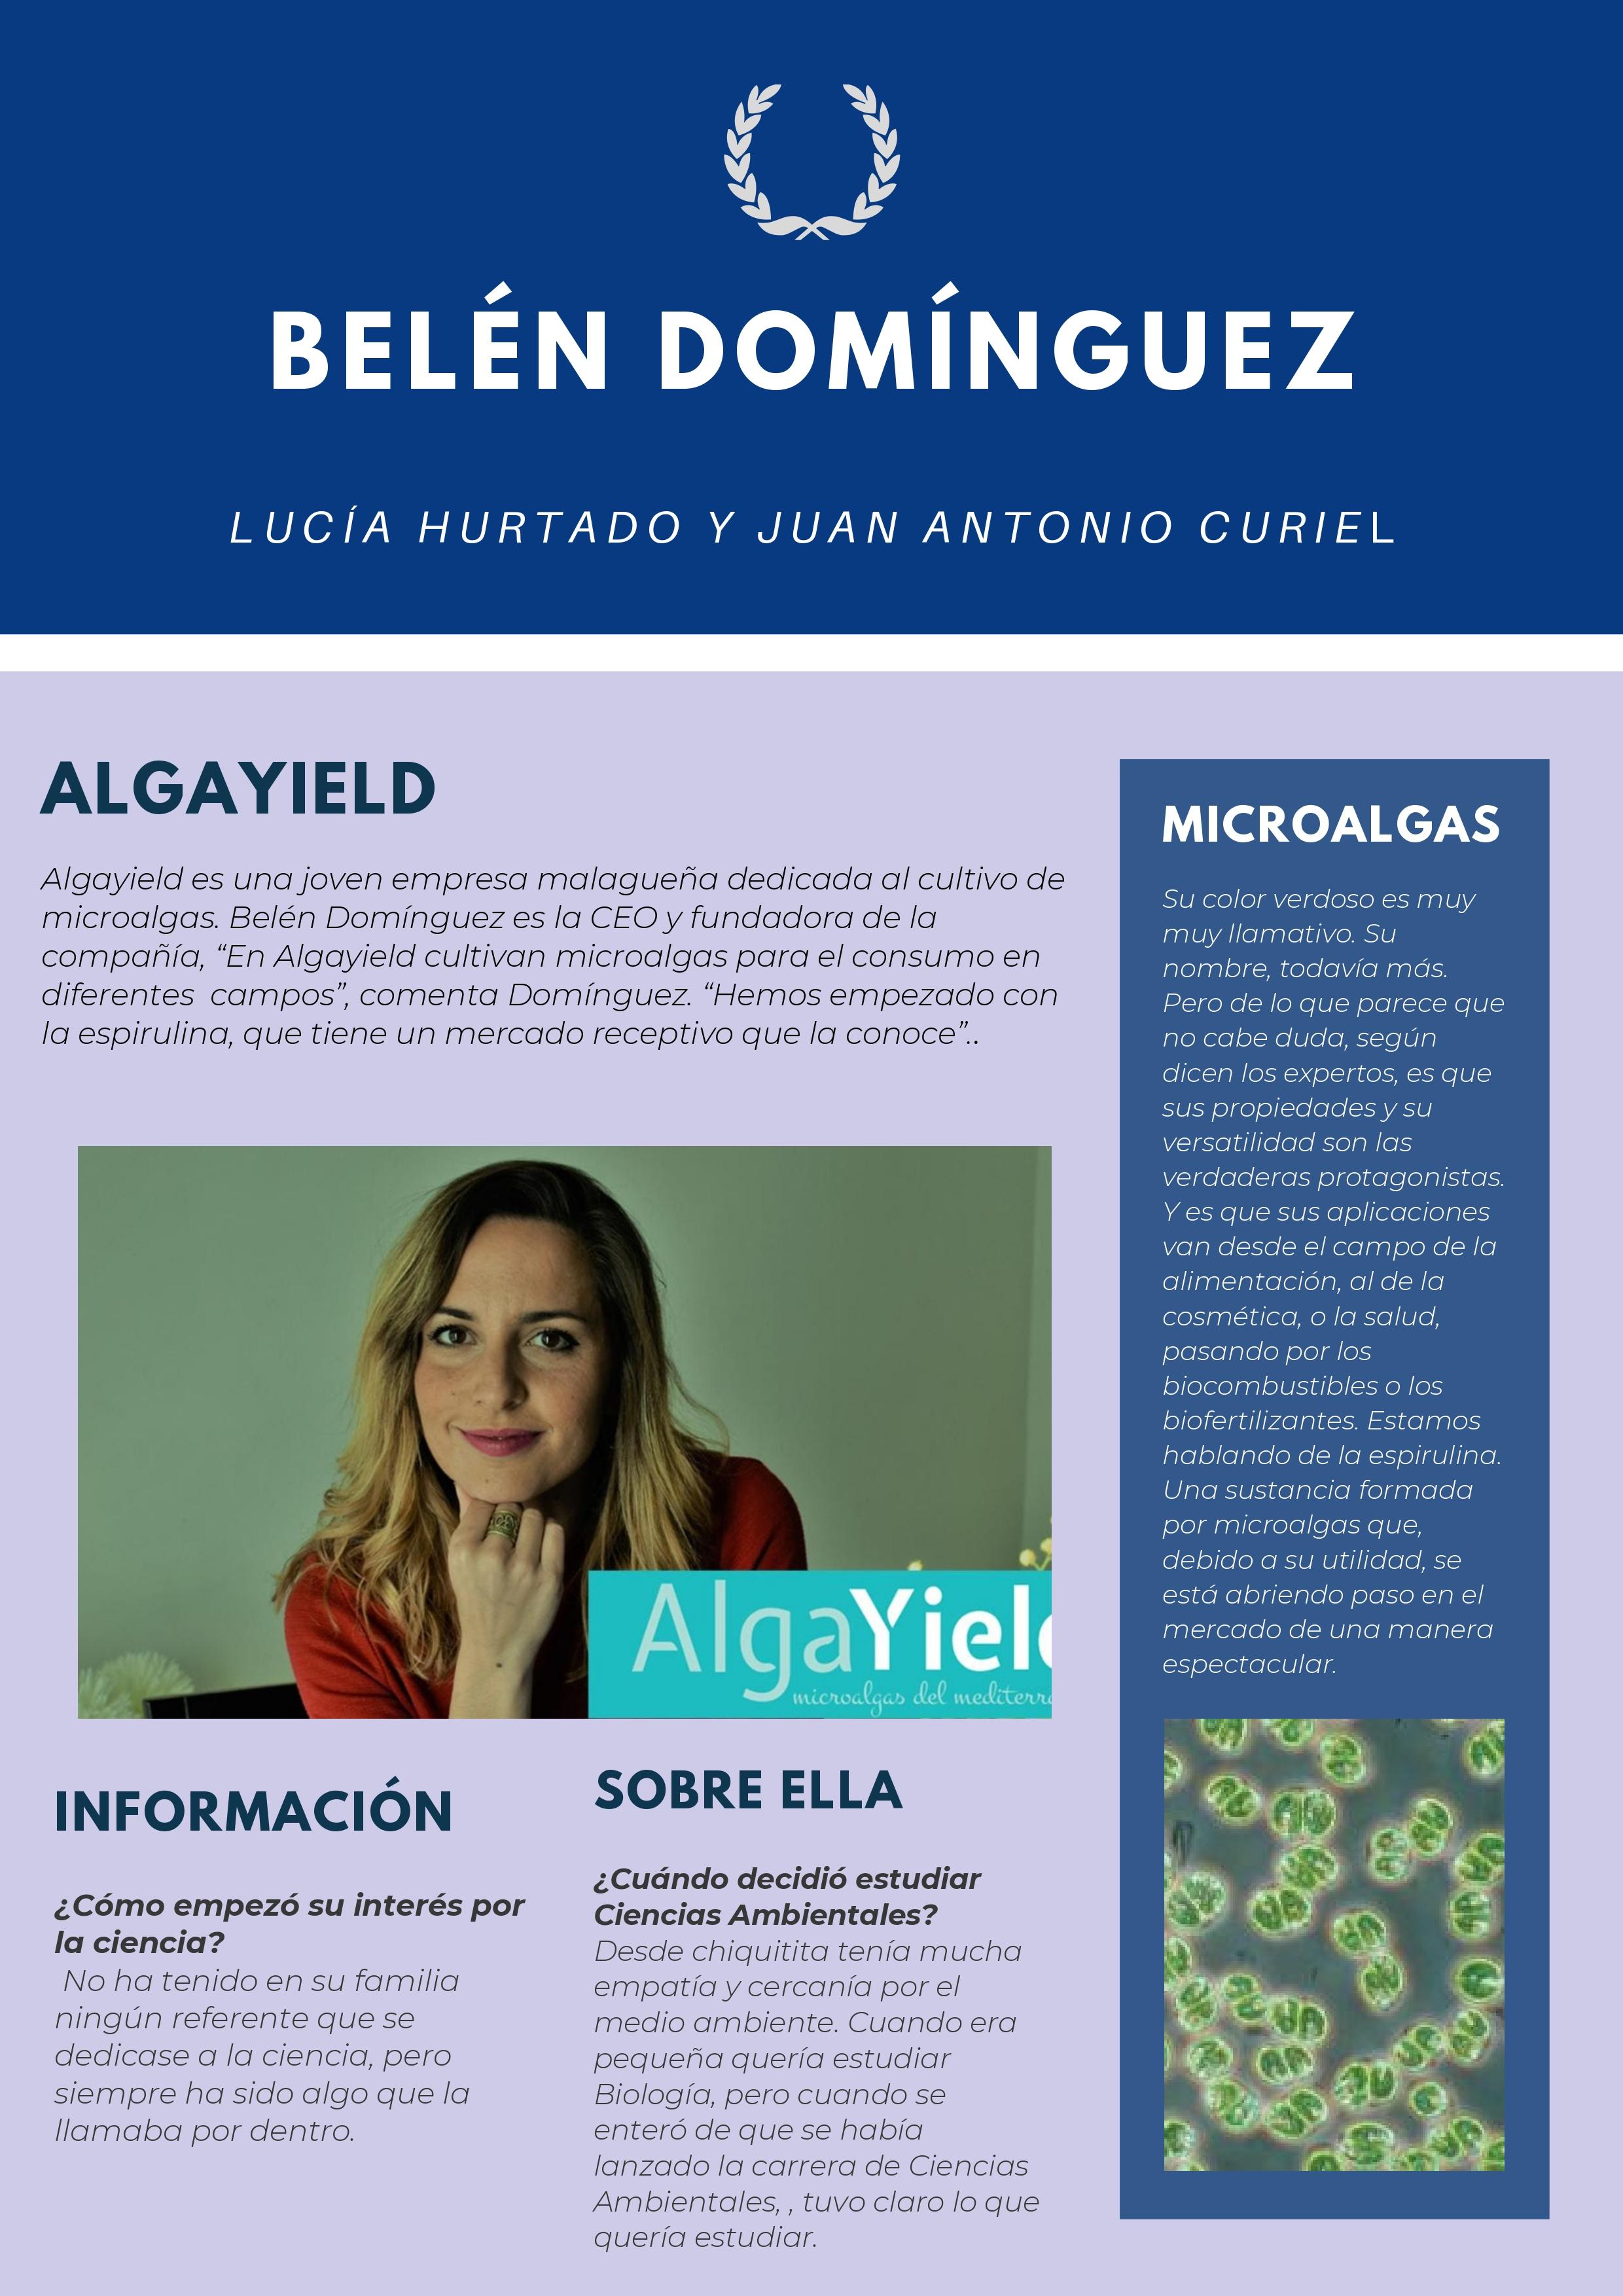 BELEN-DOMINGUEZ-LUCIA-HURTADO-Y-JUAN-ANTONIO_page-0001